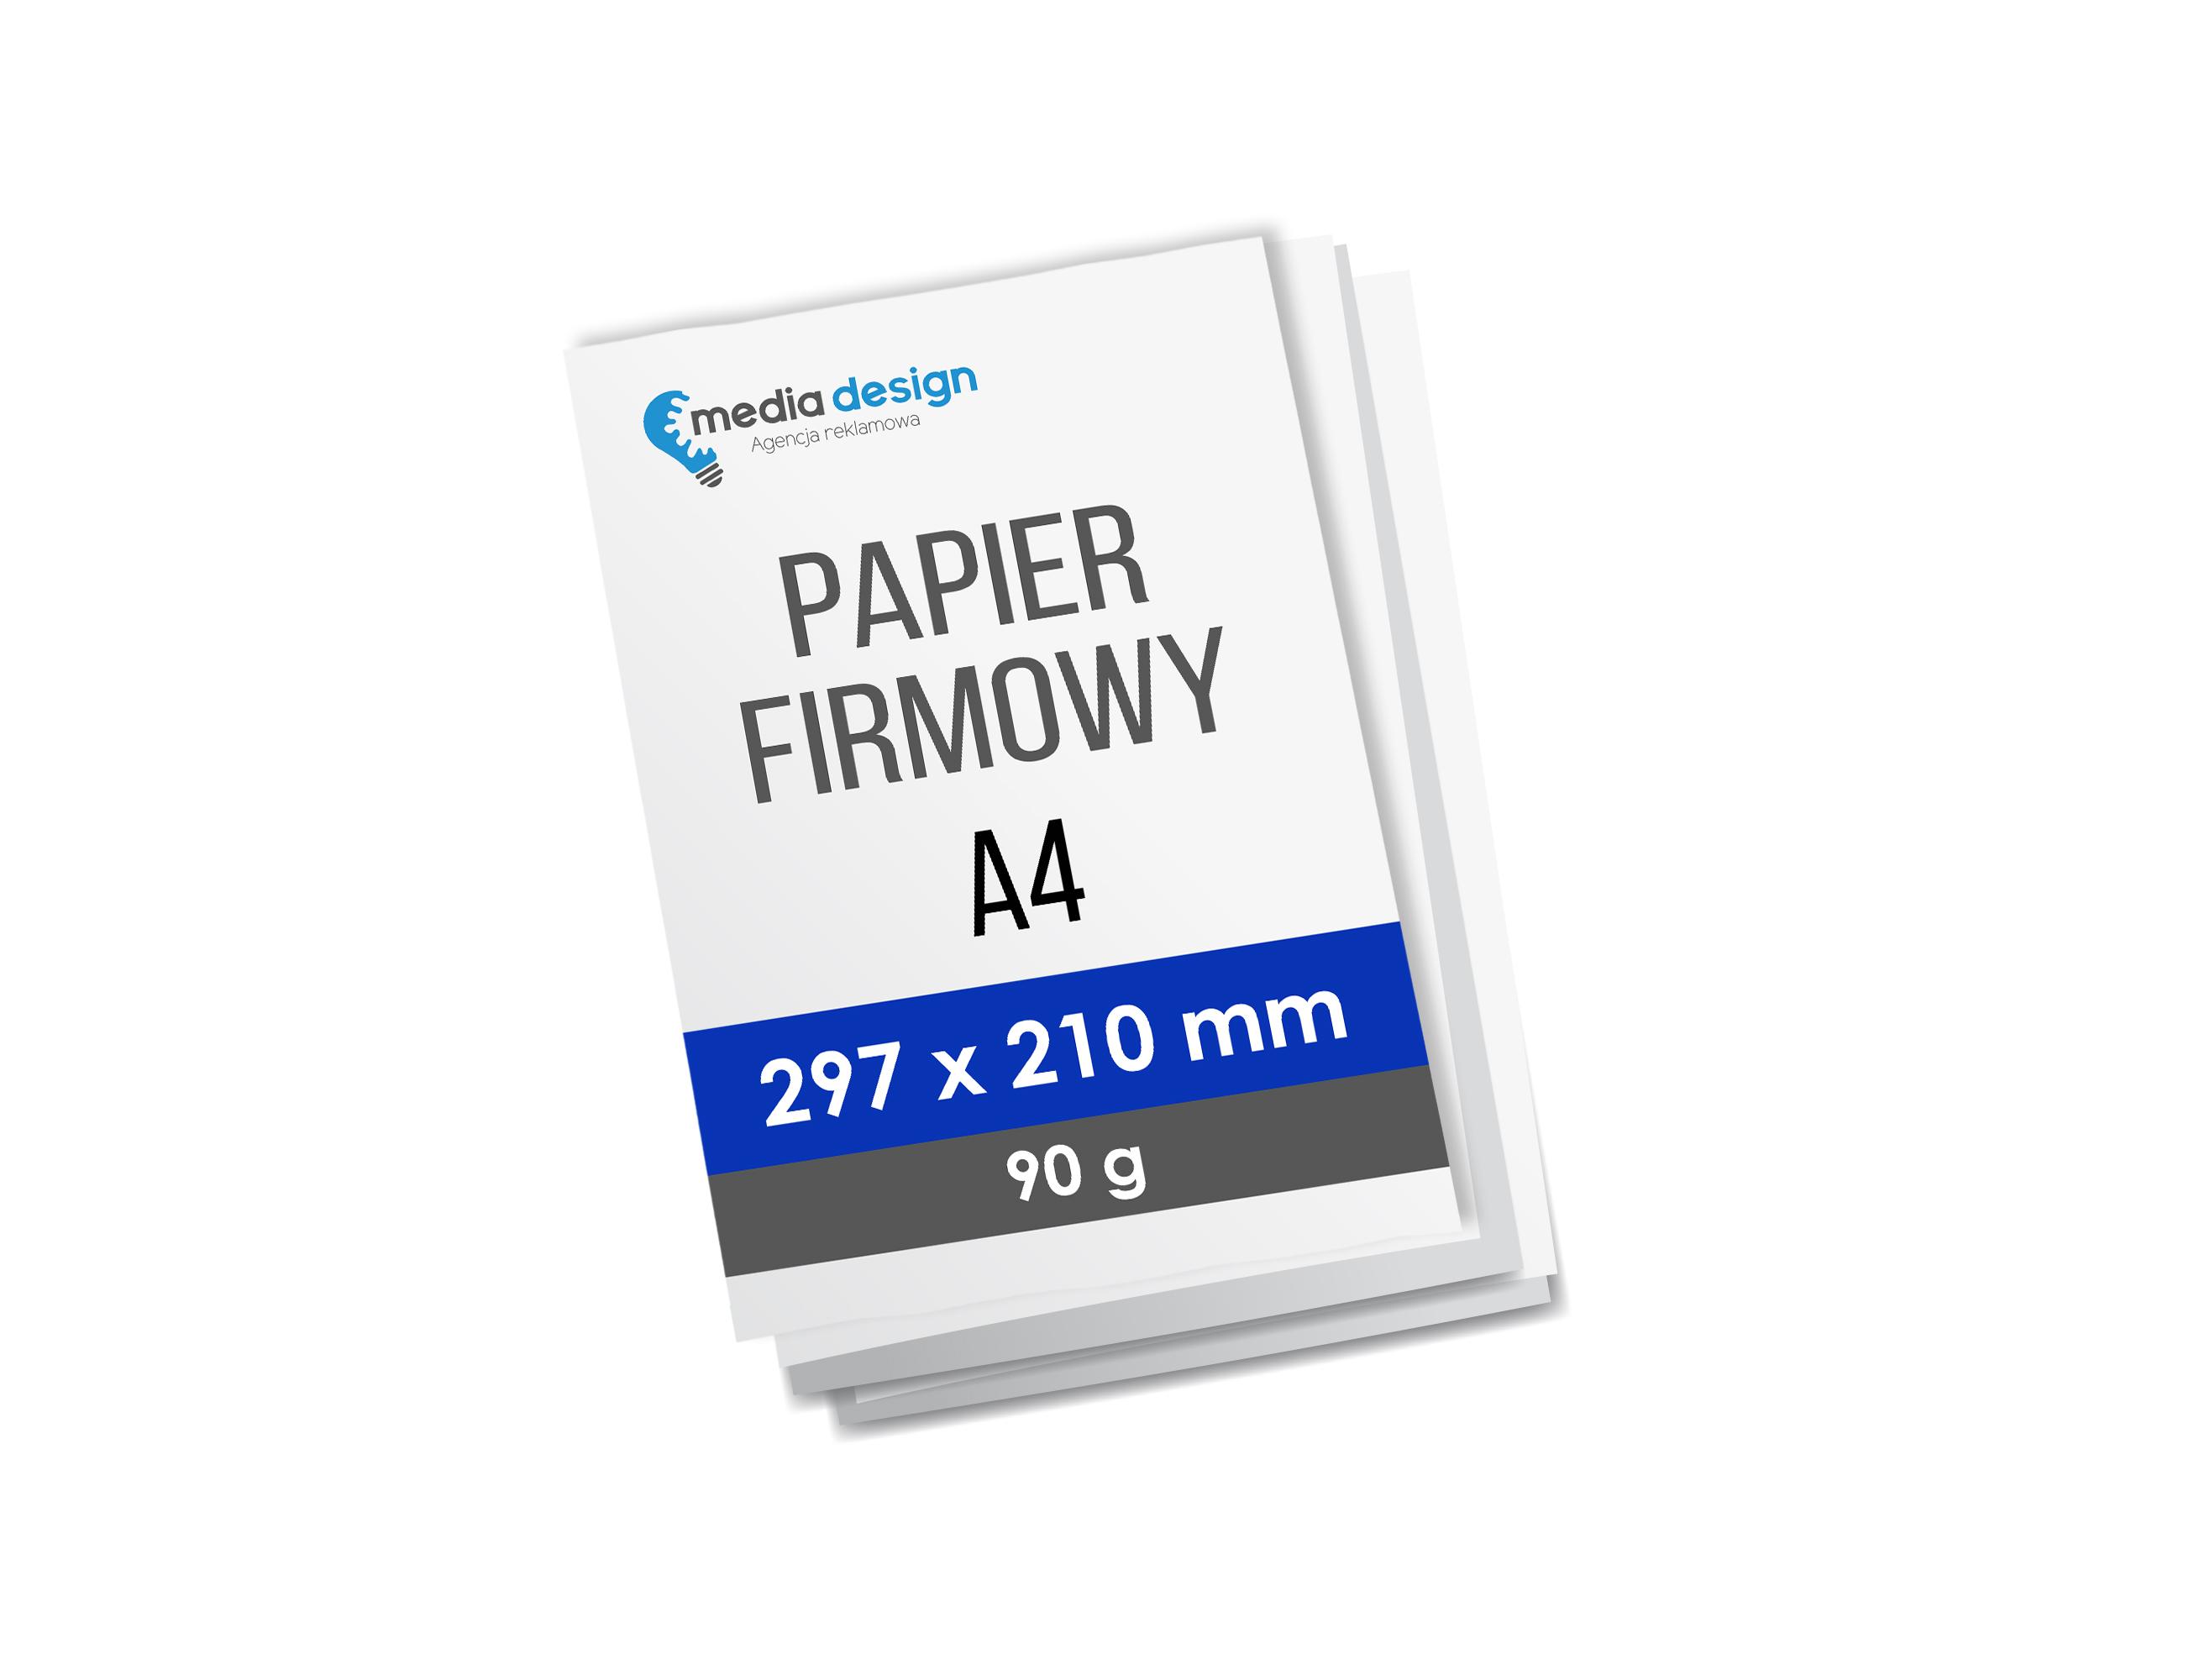 Papier firmowy A4 (210x297 mm) - 90g 250 sztuk